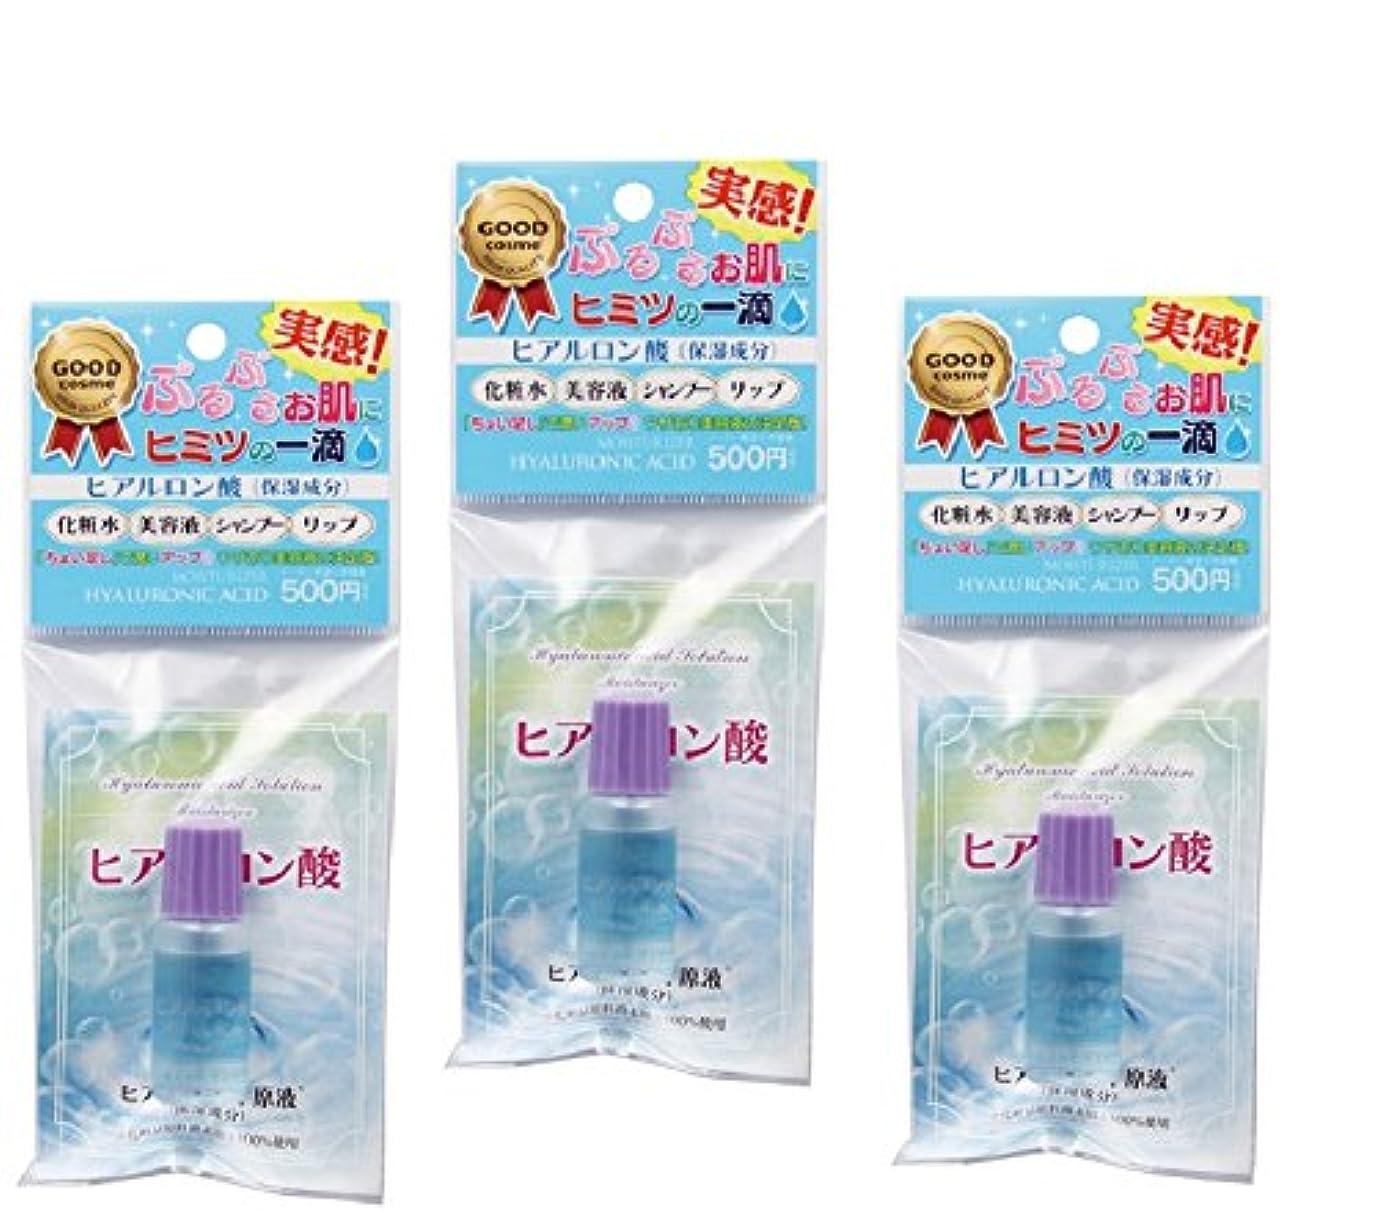 バング取る独立してヒアルロン酸水溶液 10ml 3個セット 訳あり パッケージ汚れ